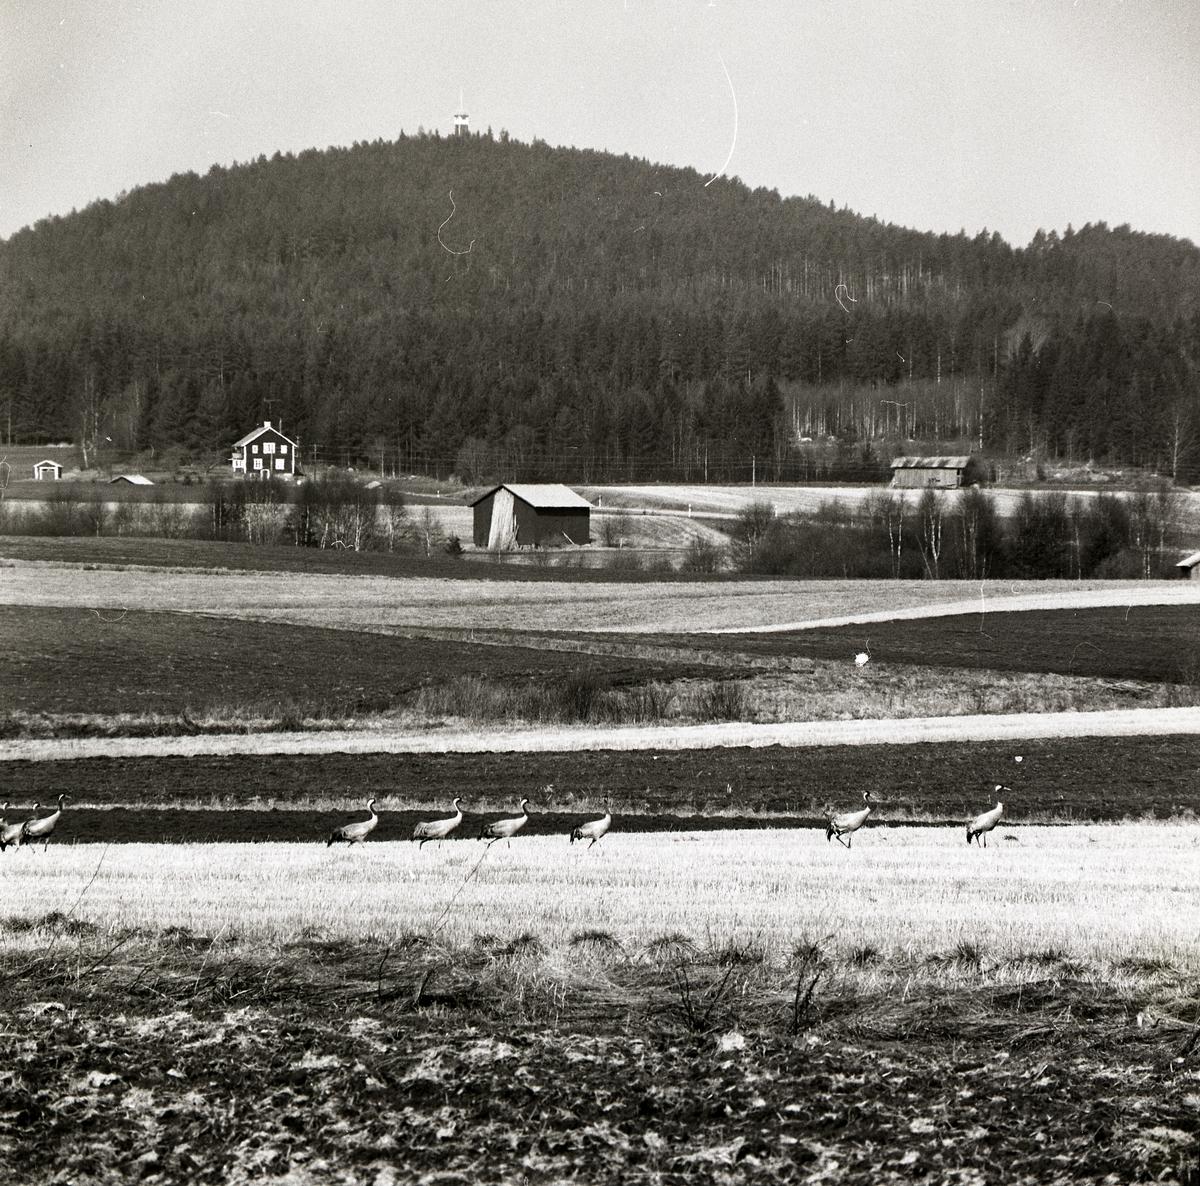 En tranflock står på en åker framför hus och berg, maj 1983.